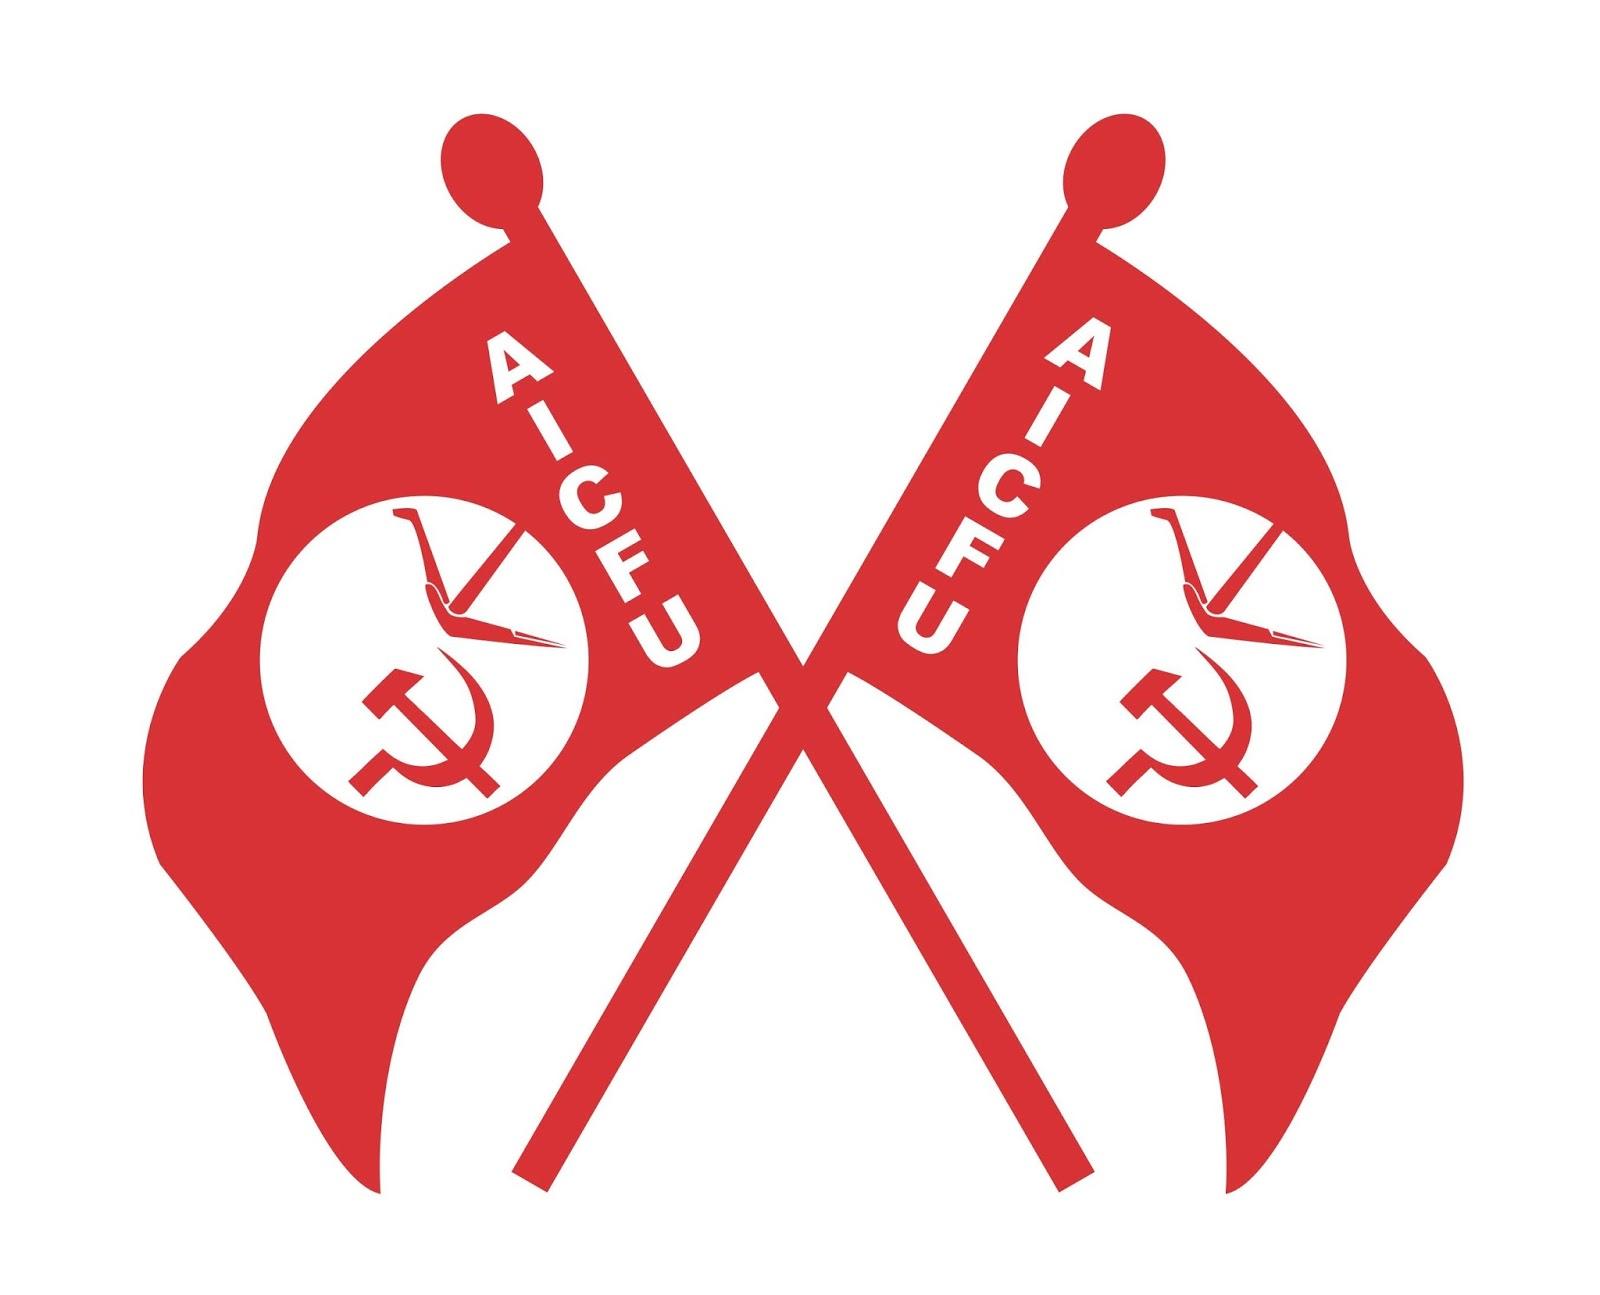 communist manifesto pdf in bengali